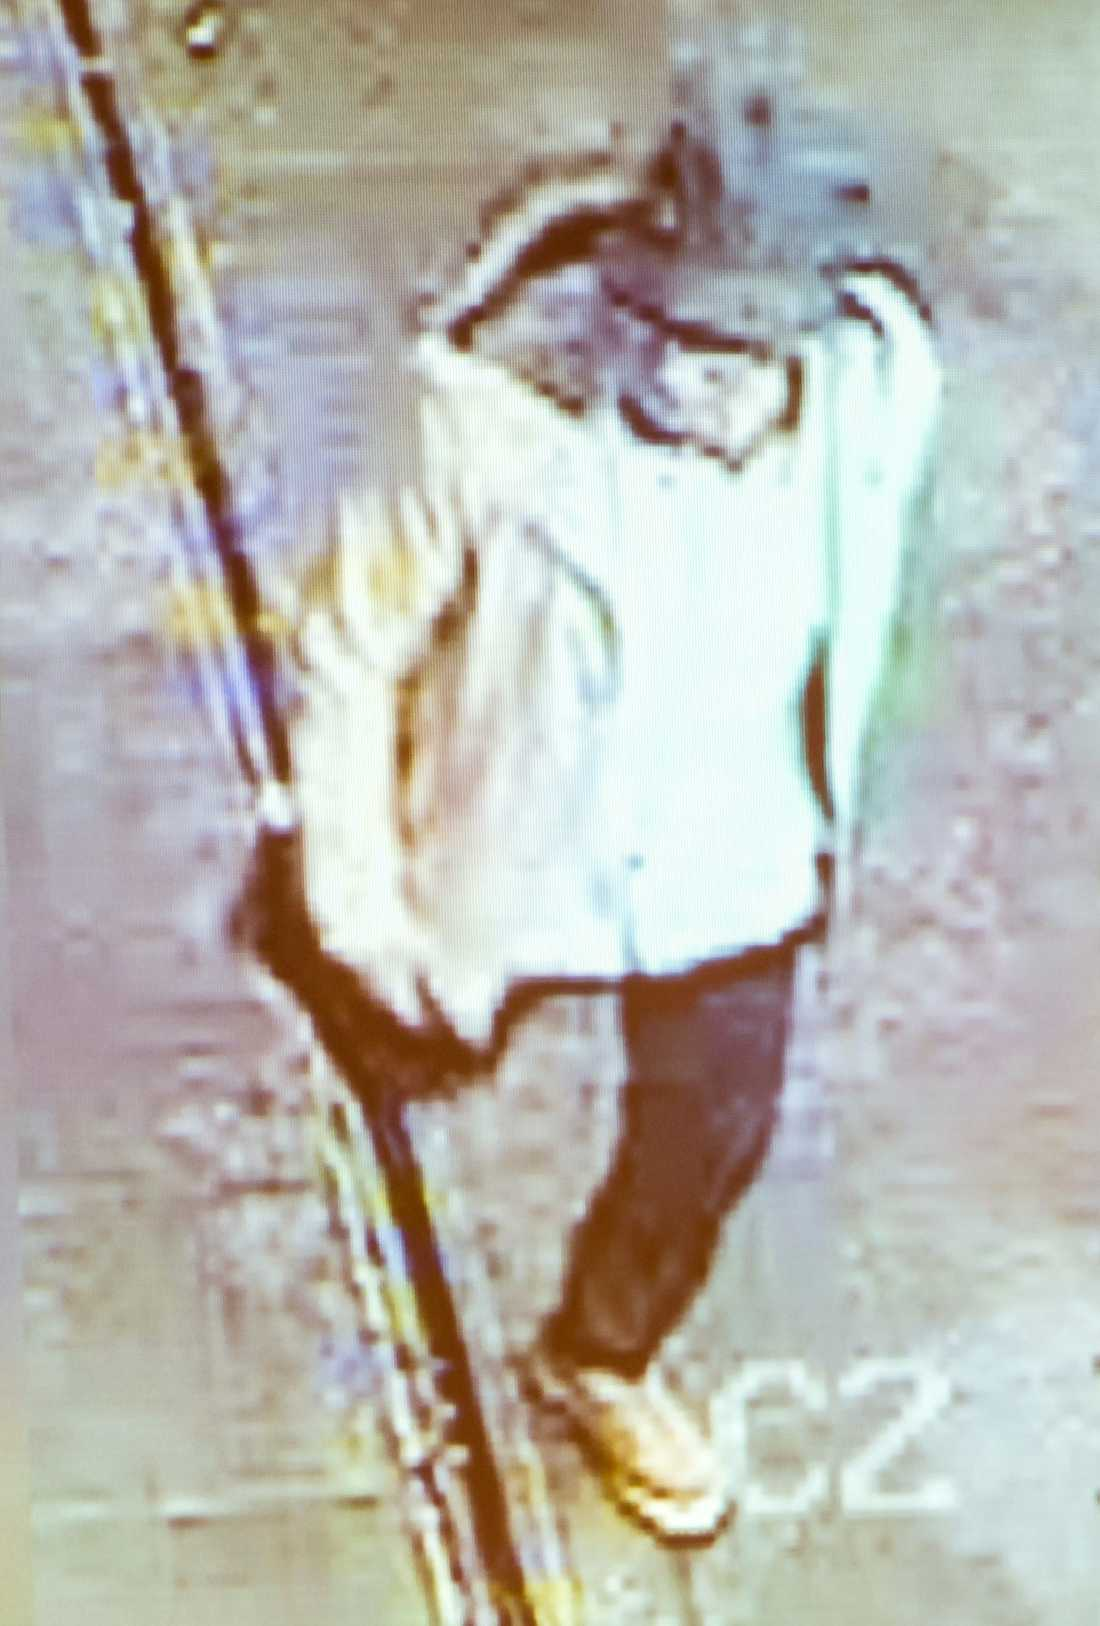 Mohammed Abrini kopplas terorrdåden i Bryssel och Paris. Nu erkänner han själv att han är mannen i hatt – som fångades på bild i Zaventem-flygplatsen innan sprängladdningarna detonerade. Här fångad på bild efter att ha flytt flygplatsen.